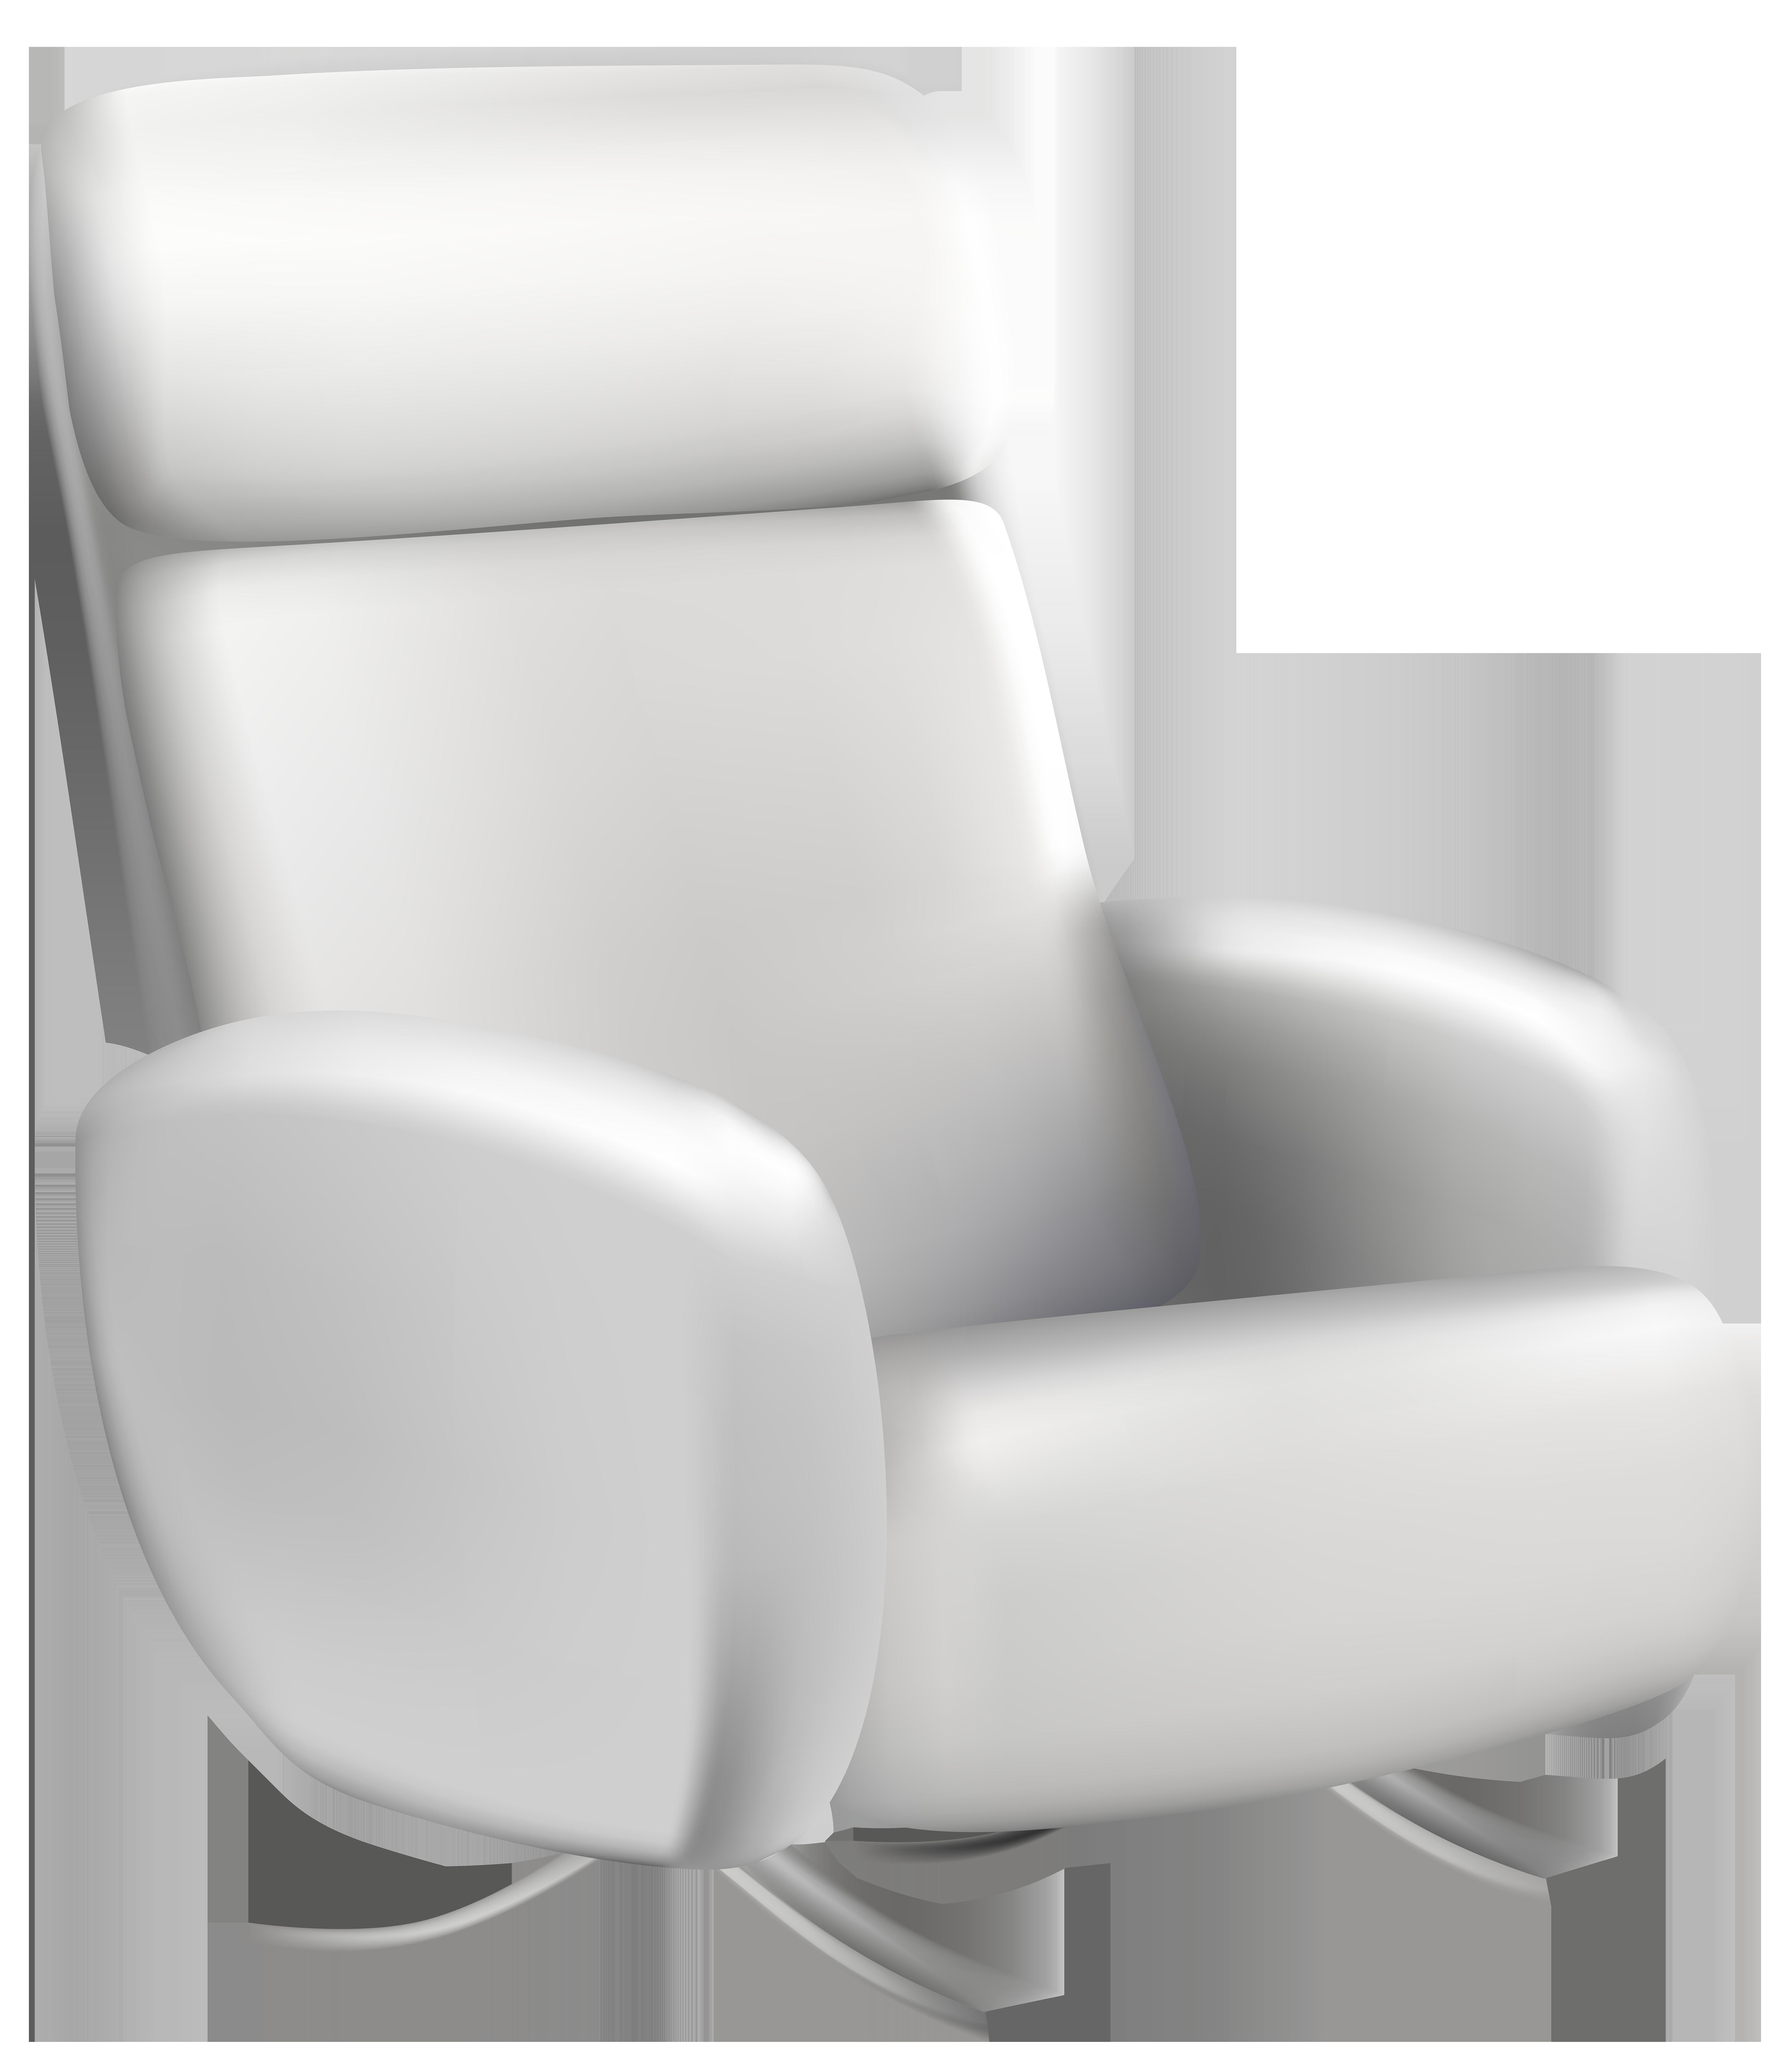 Armchair png clip art. Clipart chair recliner